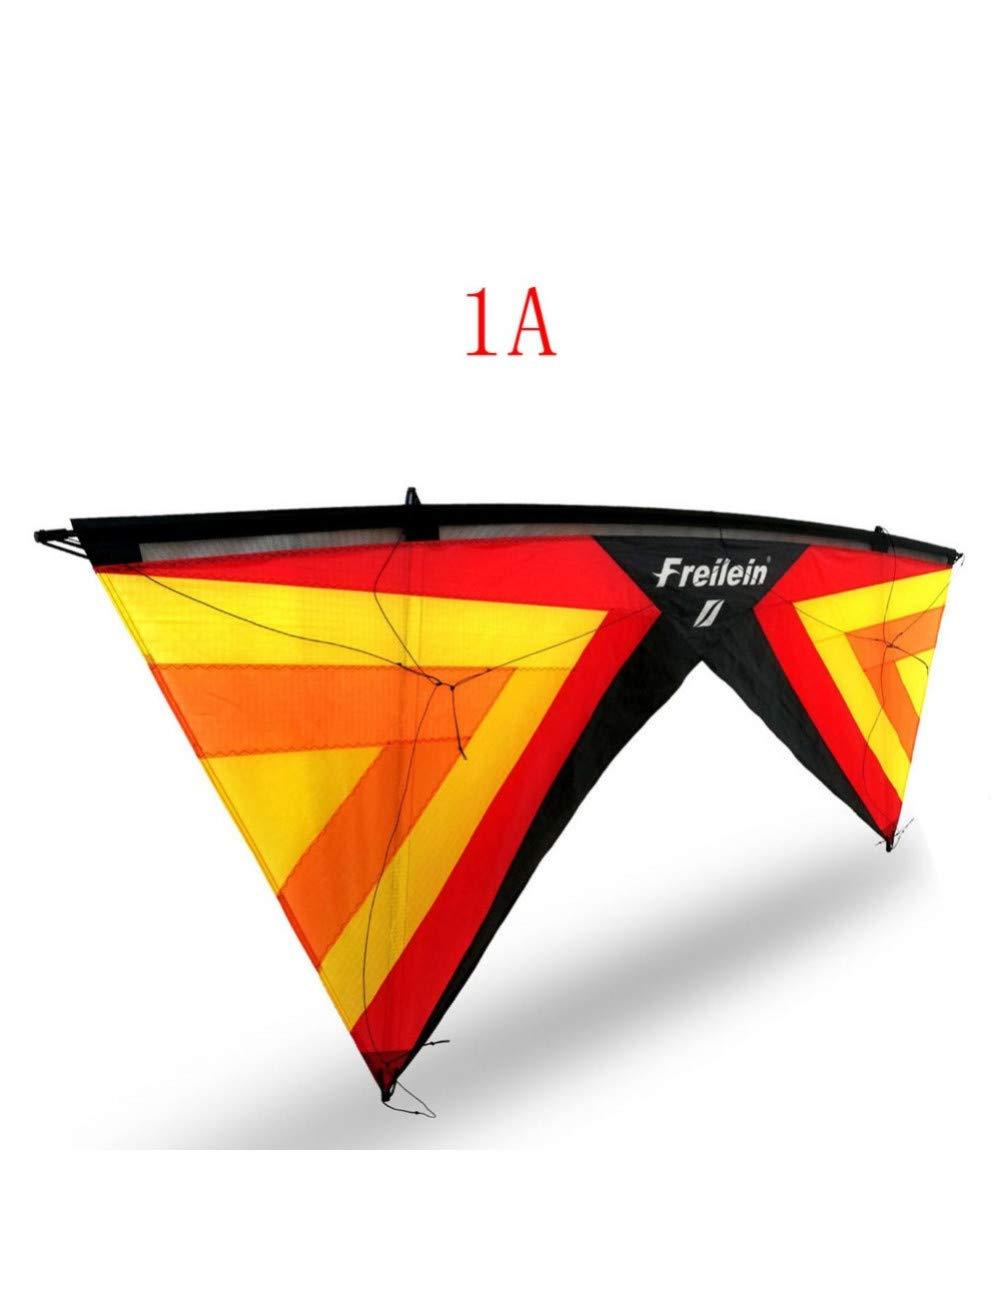 ZSYF Drachen Kite Standard Quad Line Lenkdrachen Fliegen Im Freien Professionelles Sport-Lenkdrachenset Für Erwachsene D